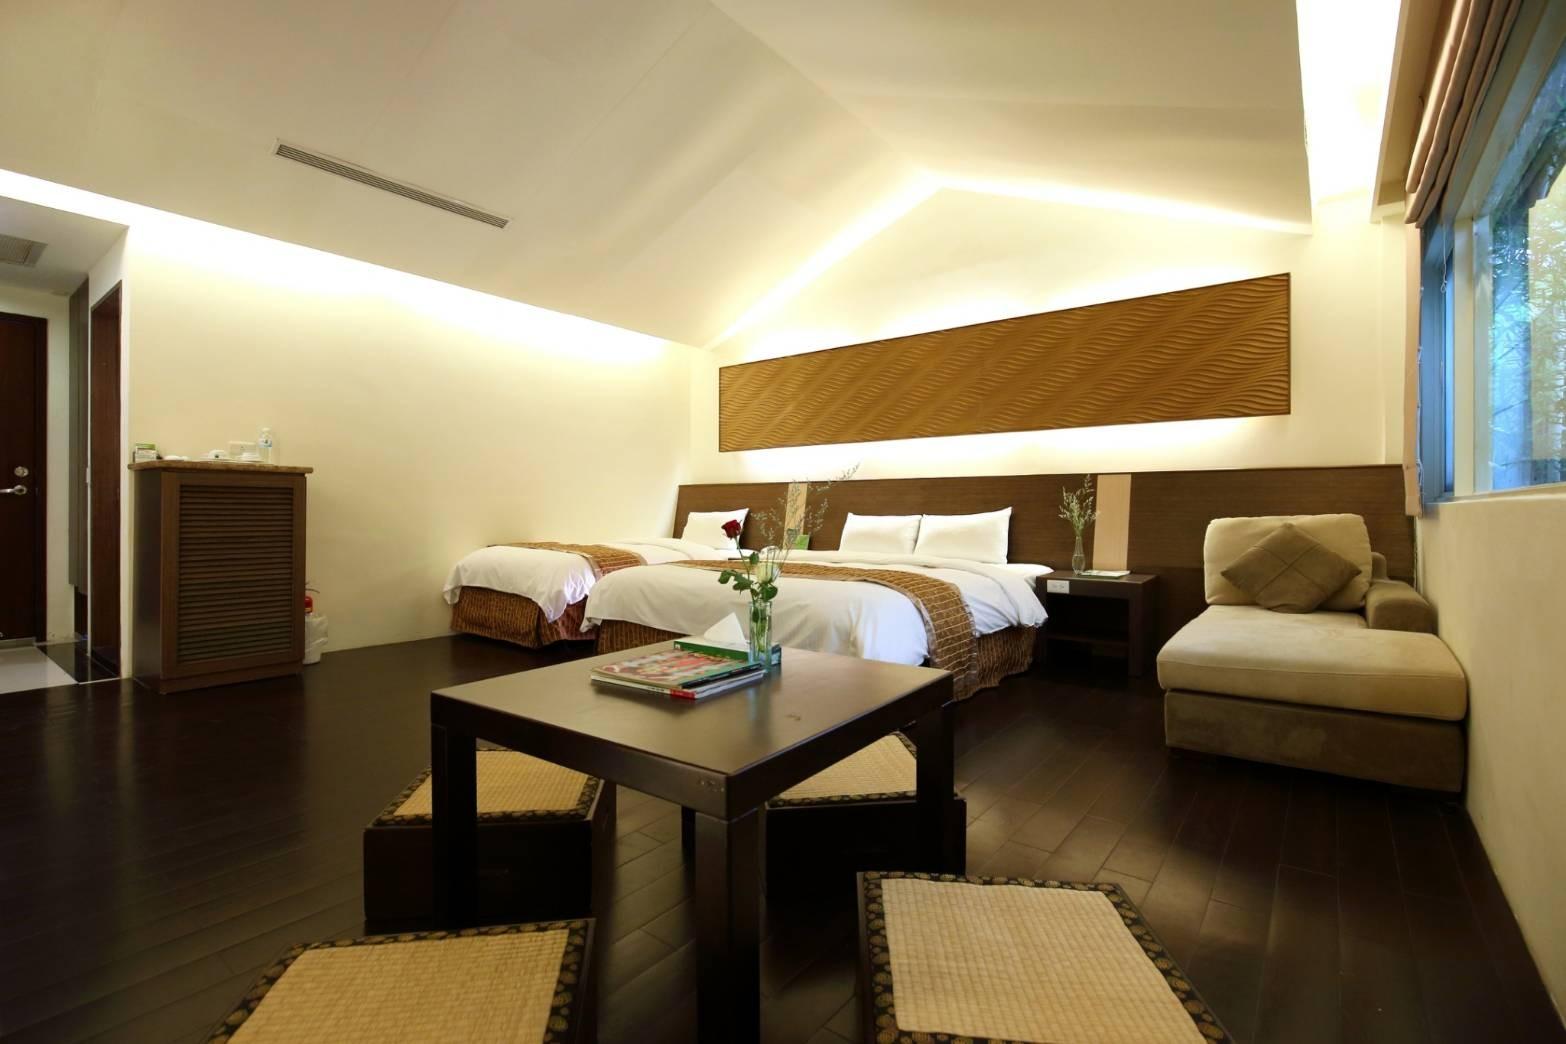 Yi Yuan Resort,低碳旅遊,台灣旅遊,怡園度假村,花蓮,花蓮住宿,花蓮壽豐鄉 @傑菲亞娃JEFFIA FANG